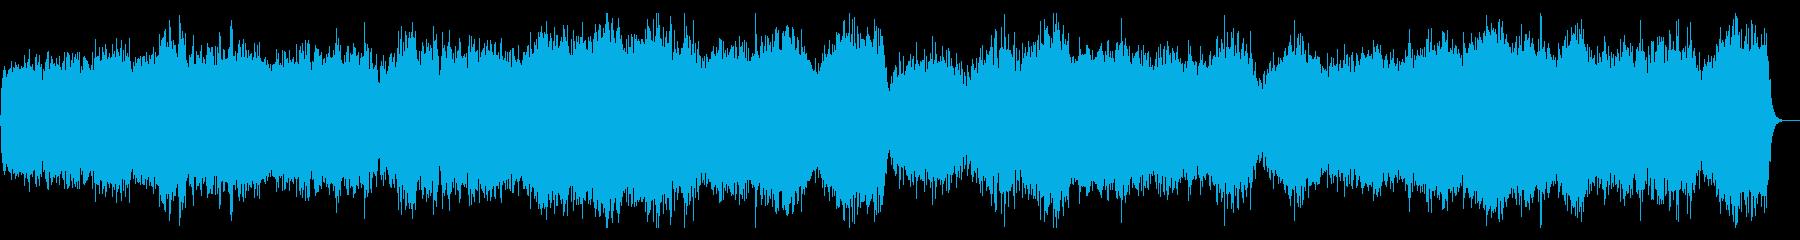 ゾンビ・ホラー系で緊張感のあるBGMの再生済みの波形